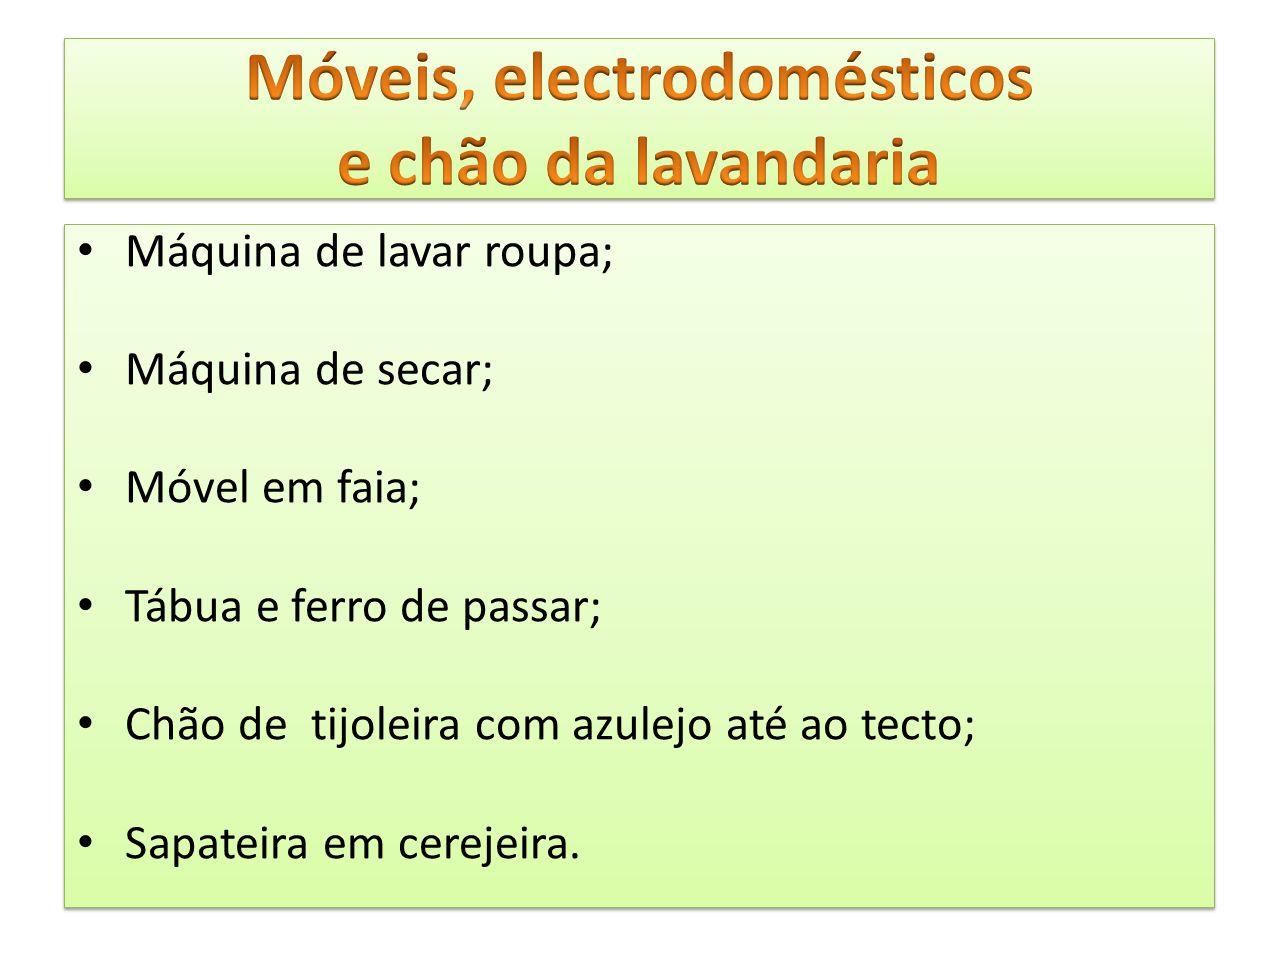 Móveis, electrodomésticos e chão da lavandaria